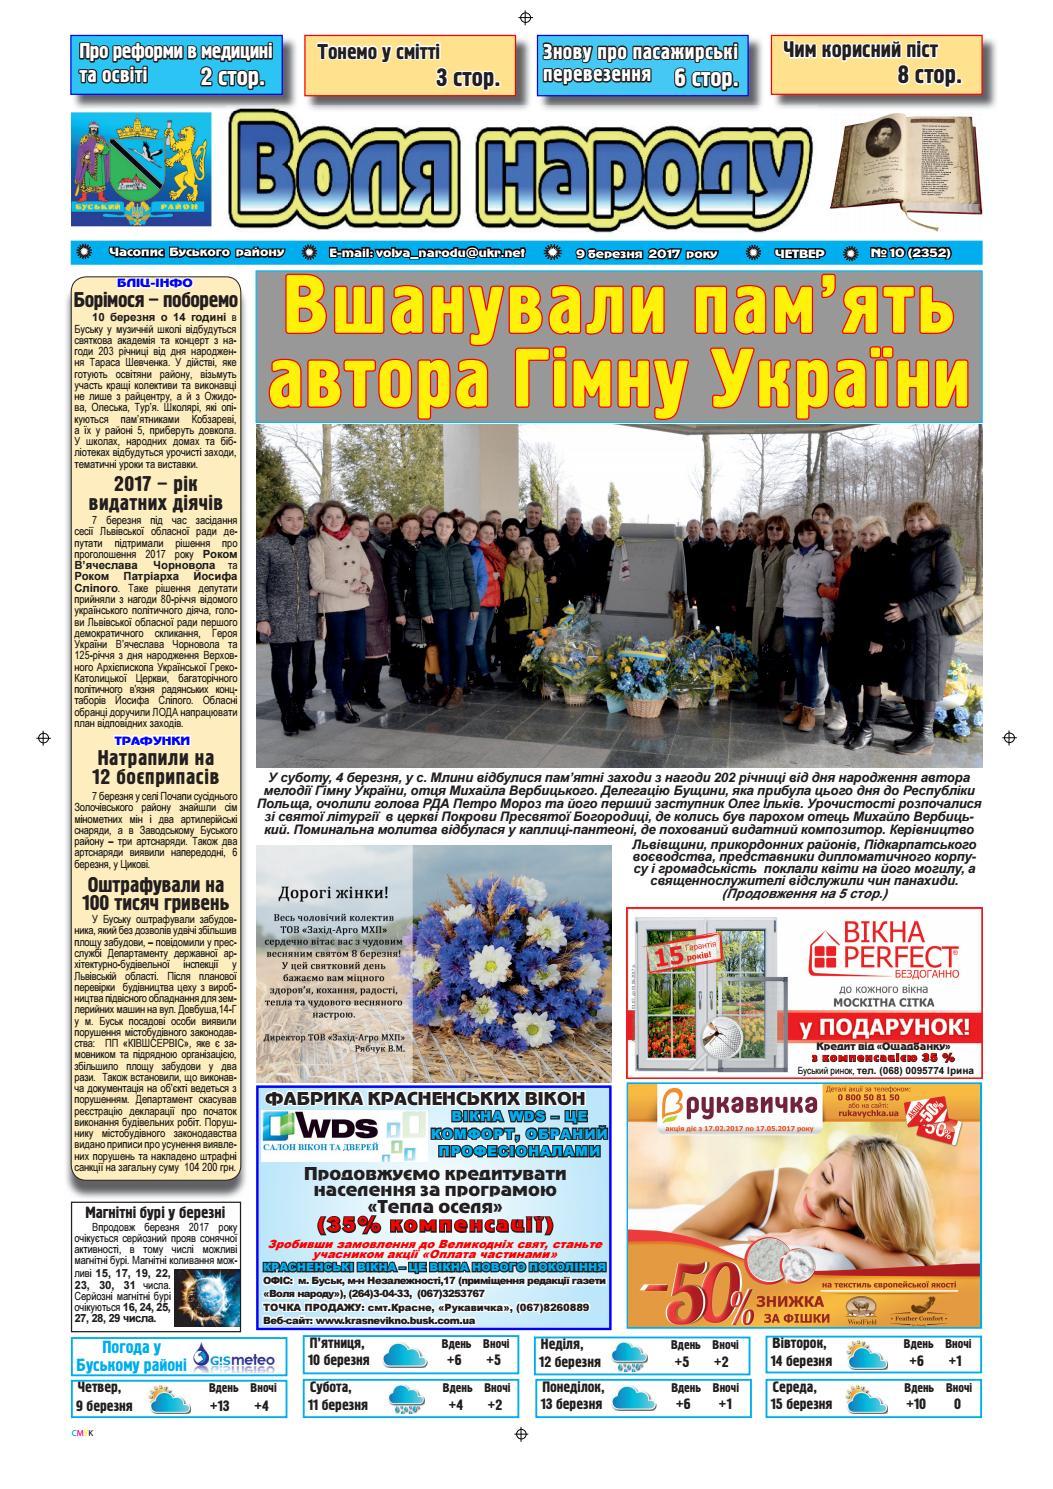 Volya narodu (busk0  10 09 mar 2017 by Bogdan Lytvyn - issuu 947a438f9641e